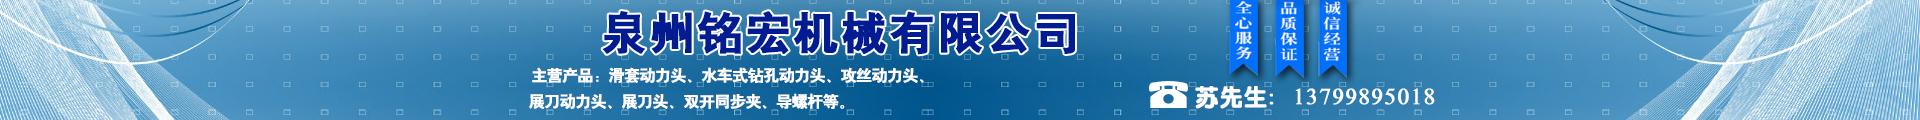 泉州鯉城區銘宏機械有限公司